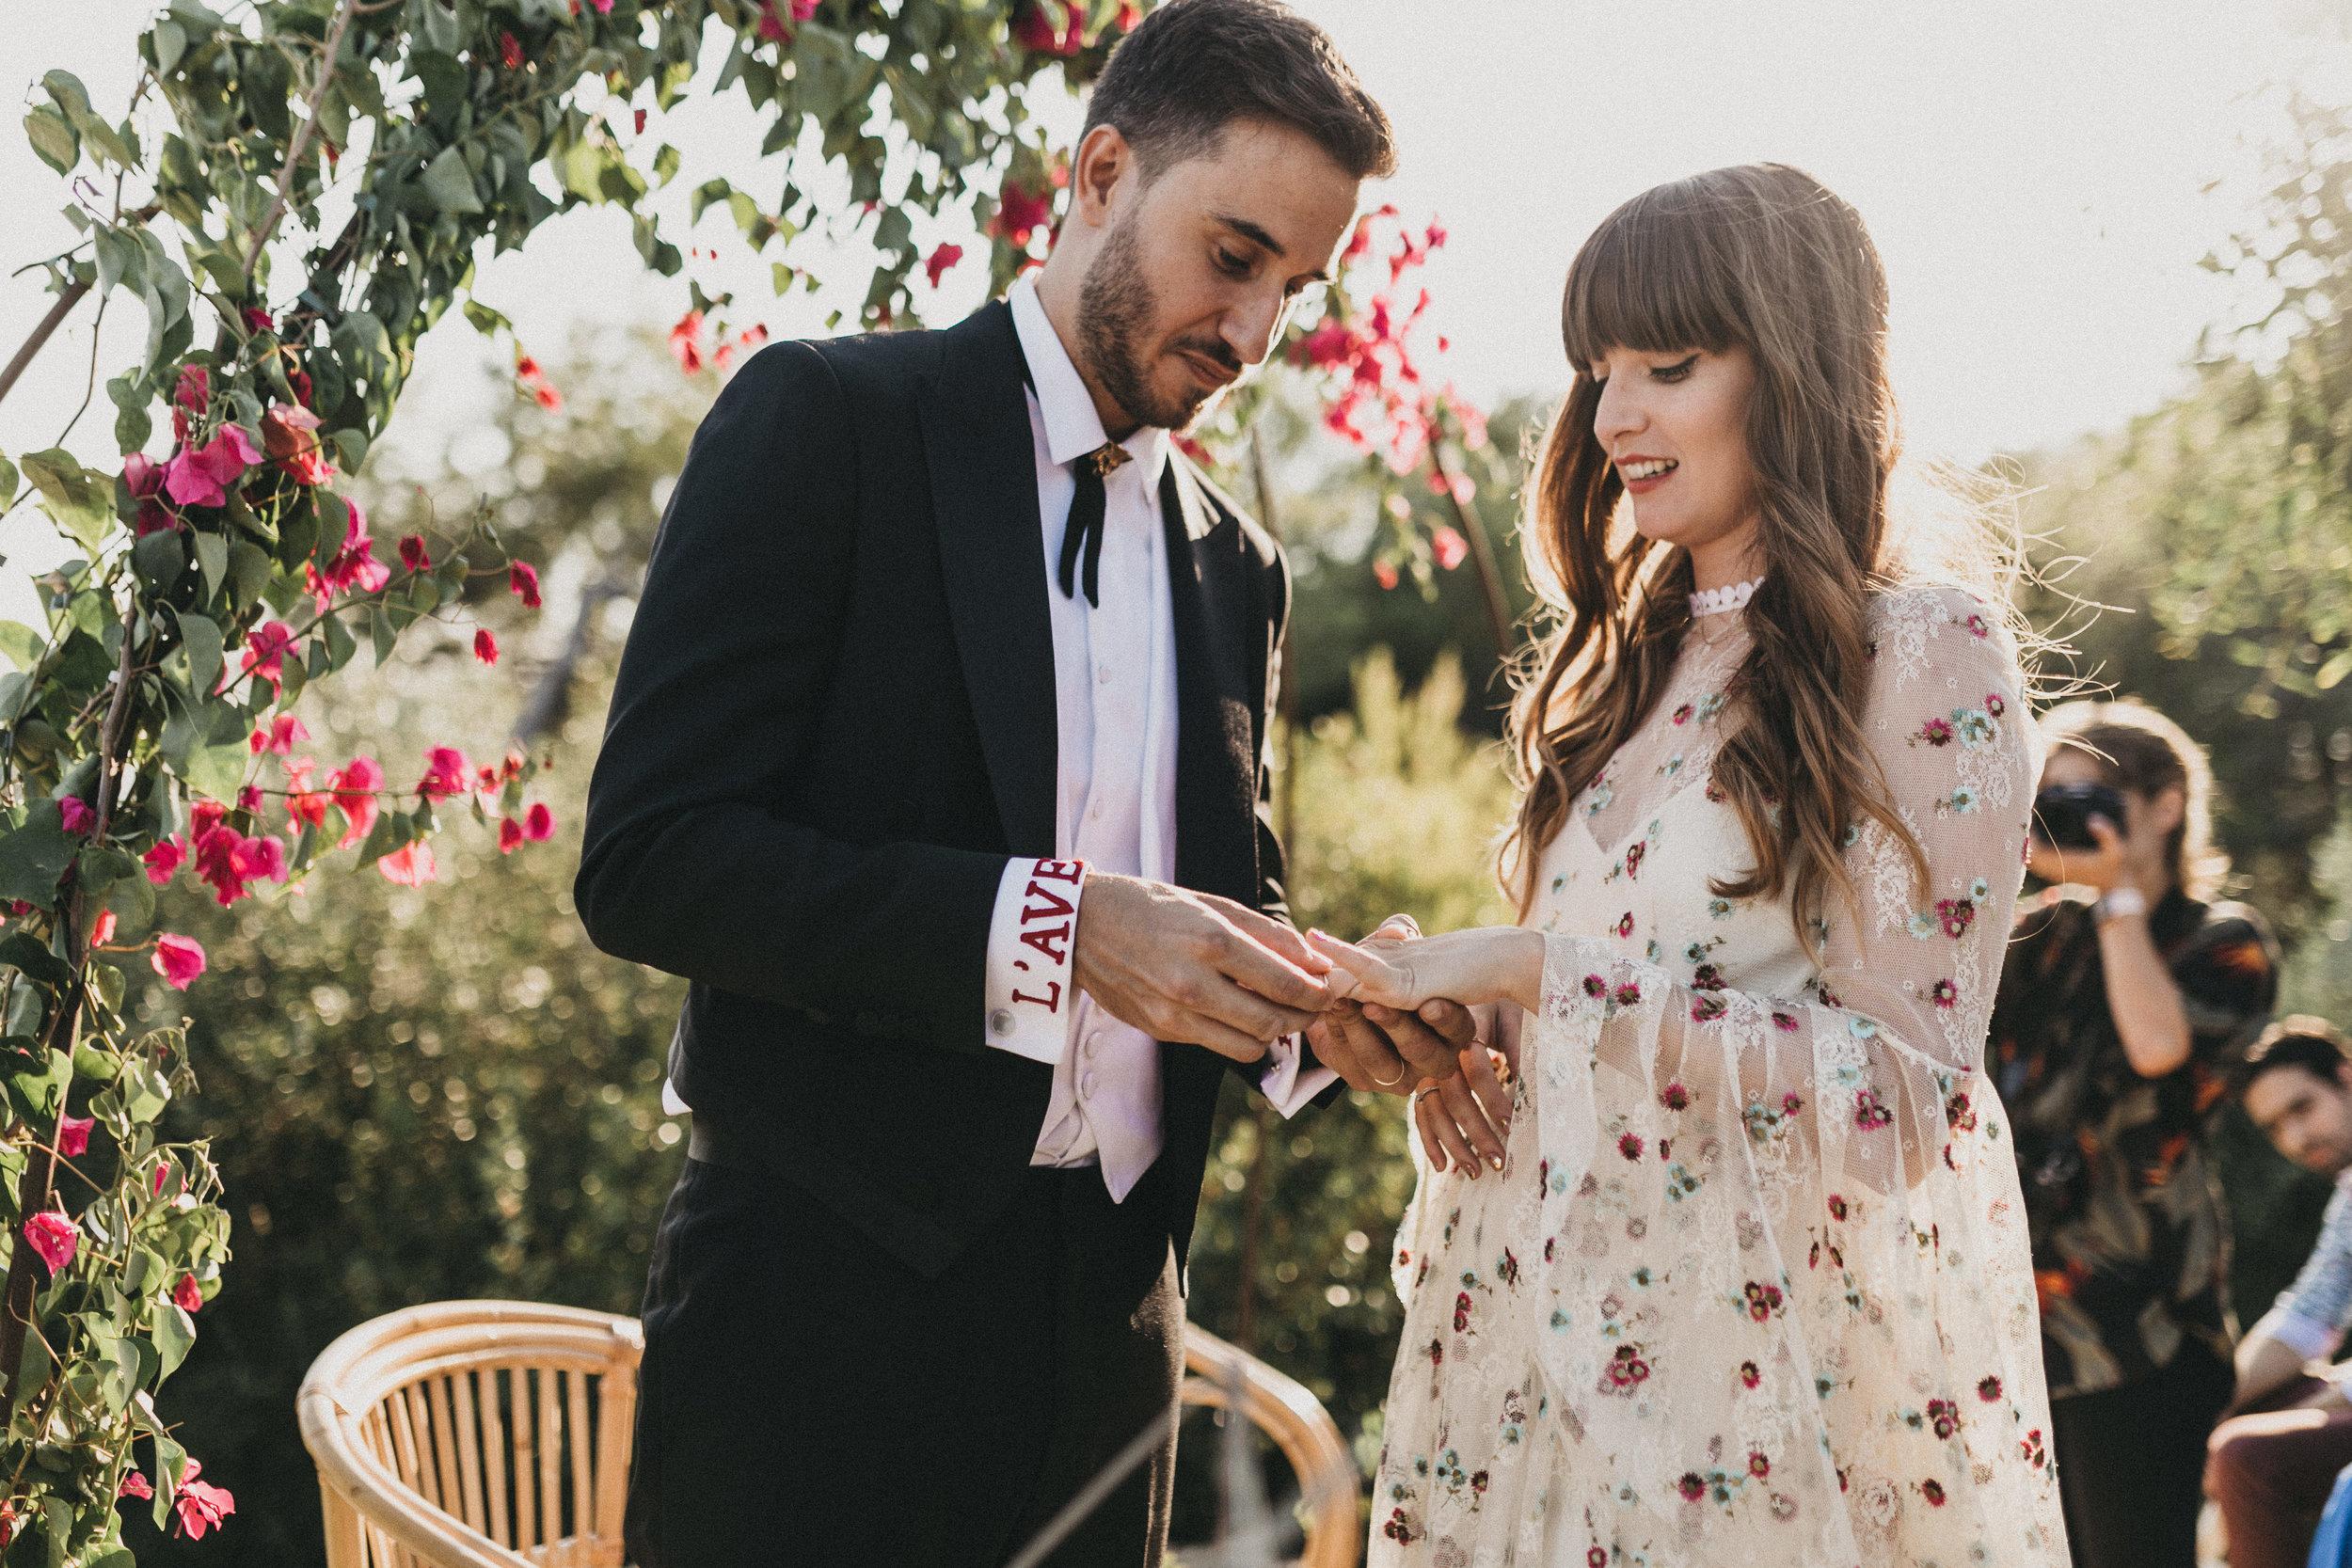 Fotografo de bodas españa serafin castillo wedding photographer spain 980.jpg